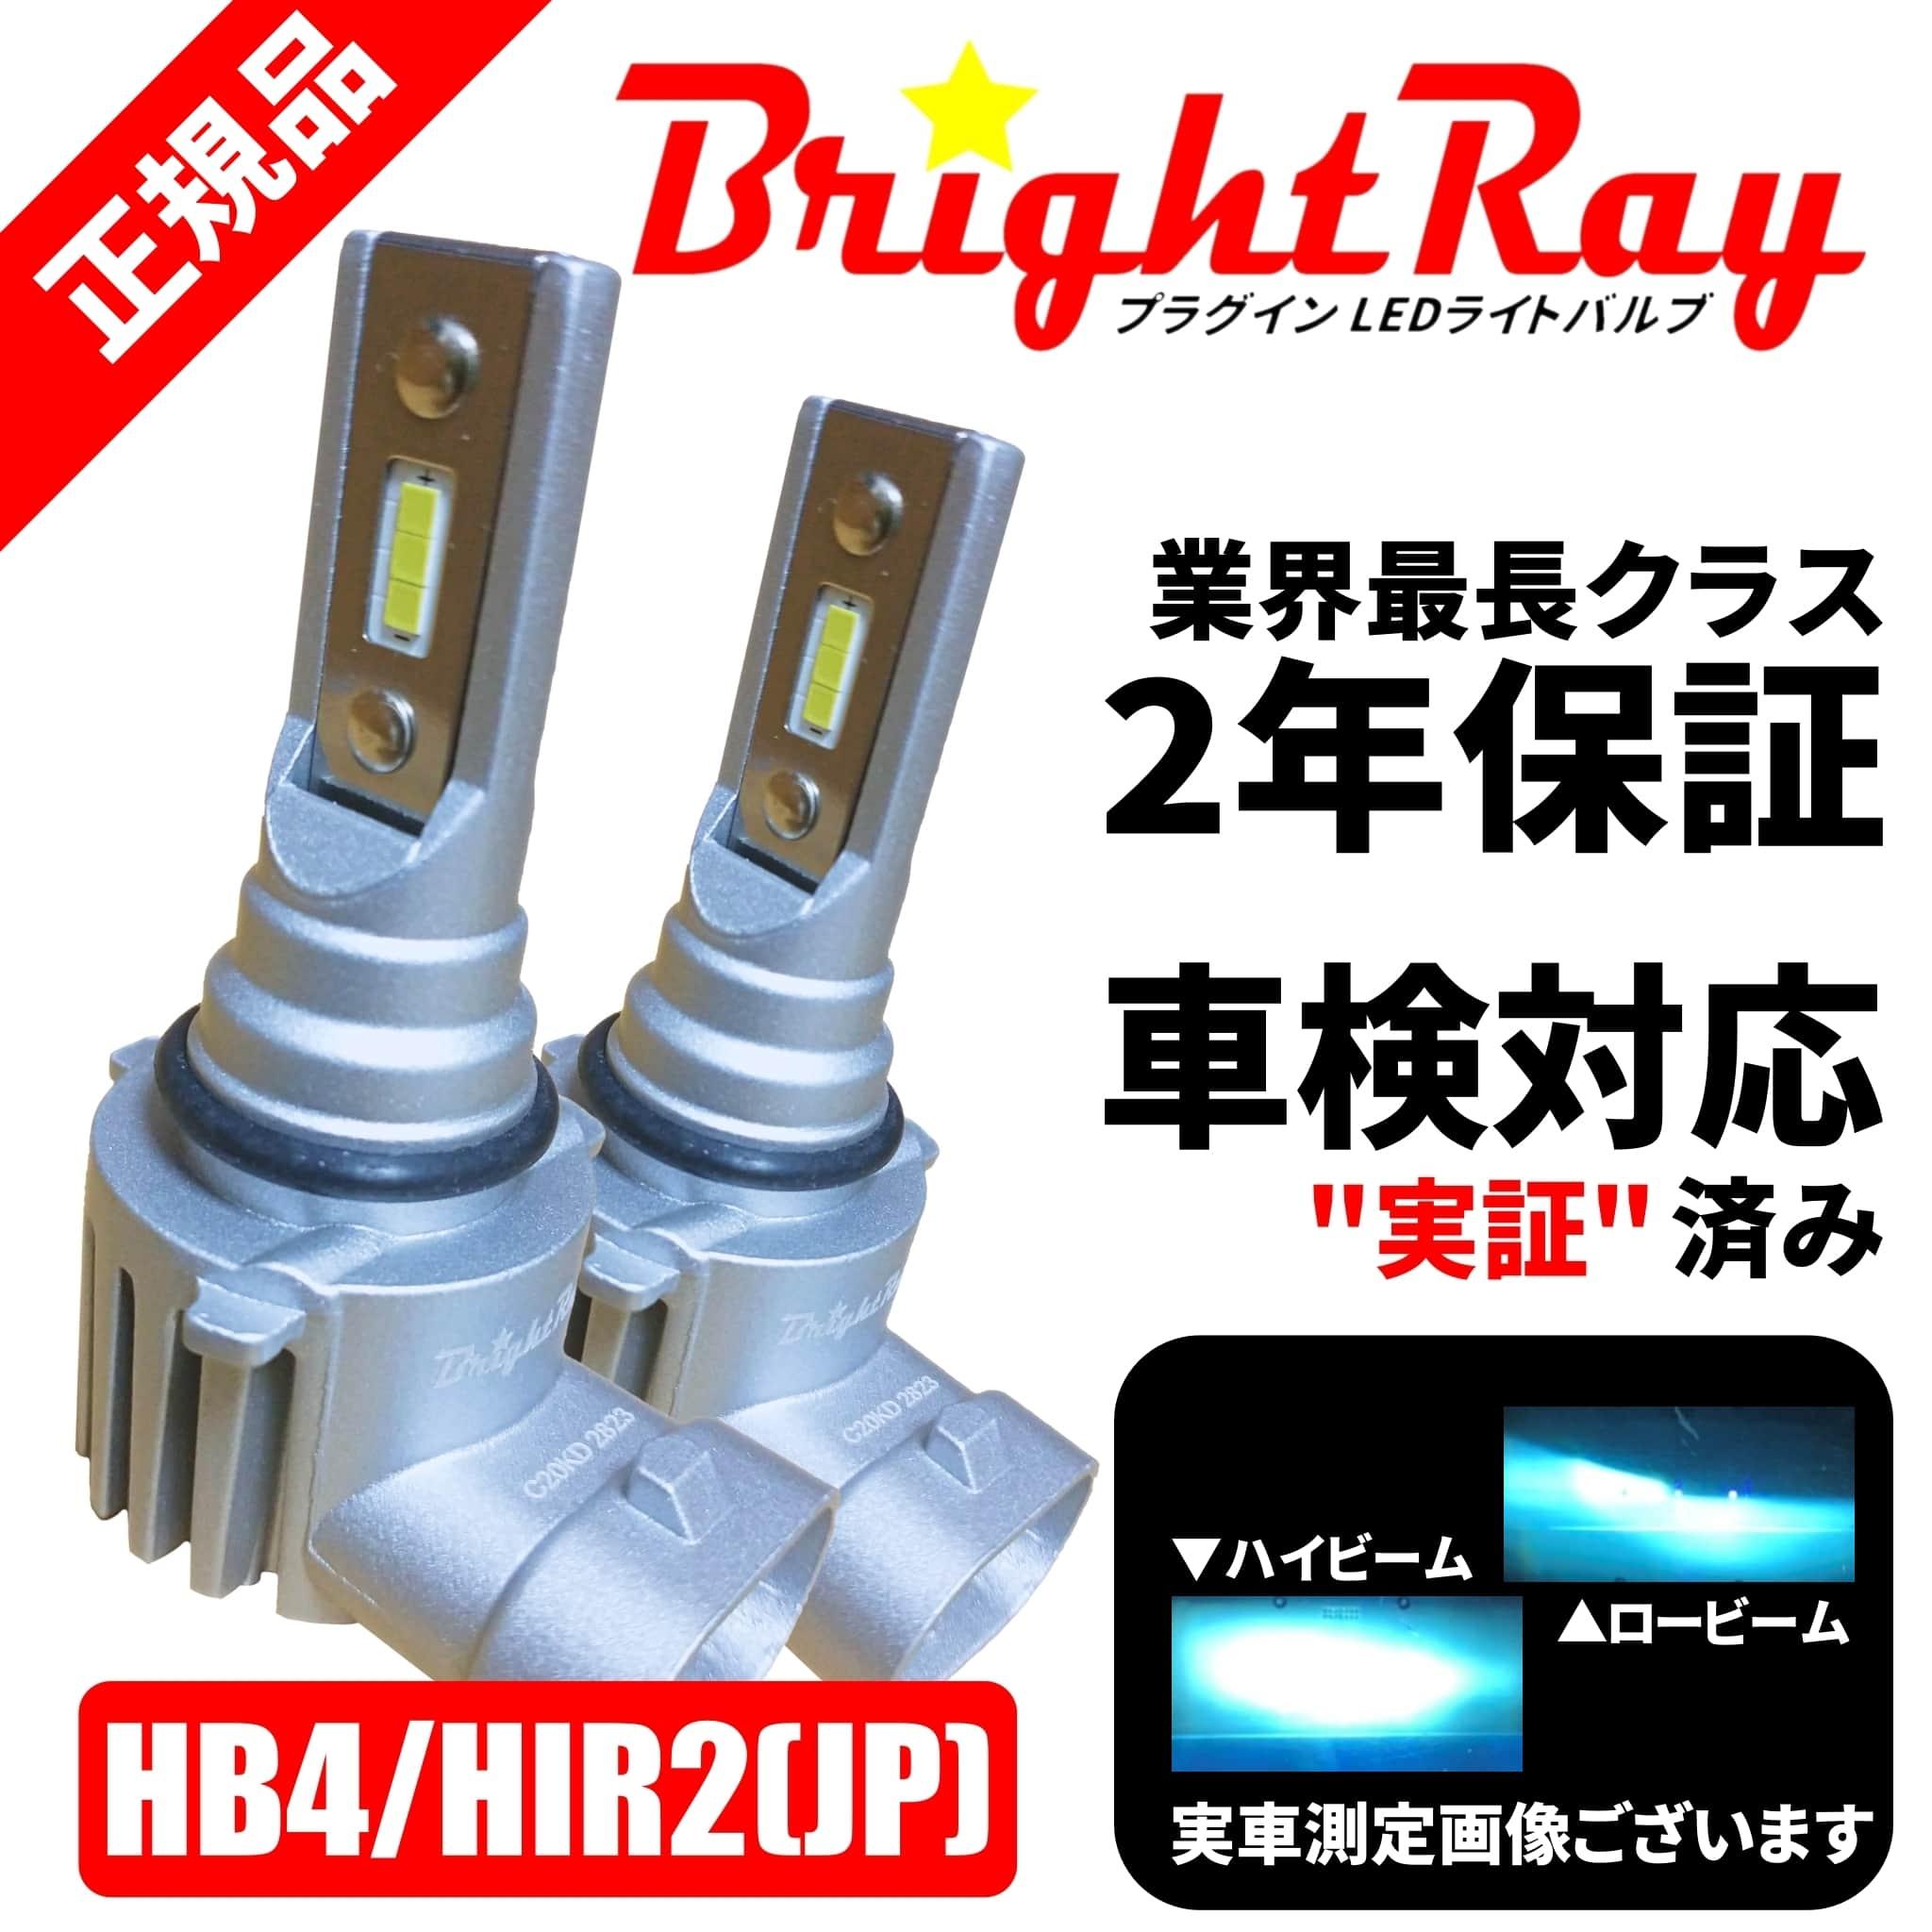 新ブランドBrightRayのフォグランプ用LEDバルブ トヨタ エスティマ MCR30 並行輸入品 ACR30 MCR40 ACR40 フォグランプ 6000K BrighRay 30系前期 最新 HB4 2年保証 新基準対応 LEDバルブ 車検対応